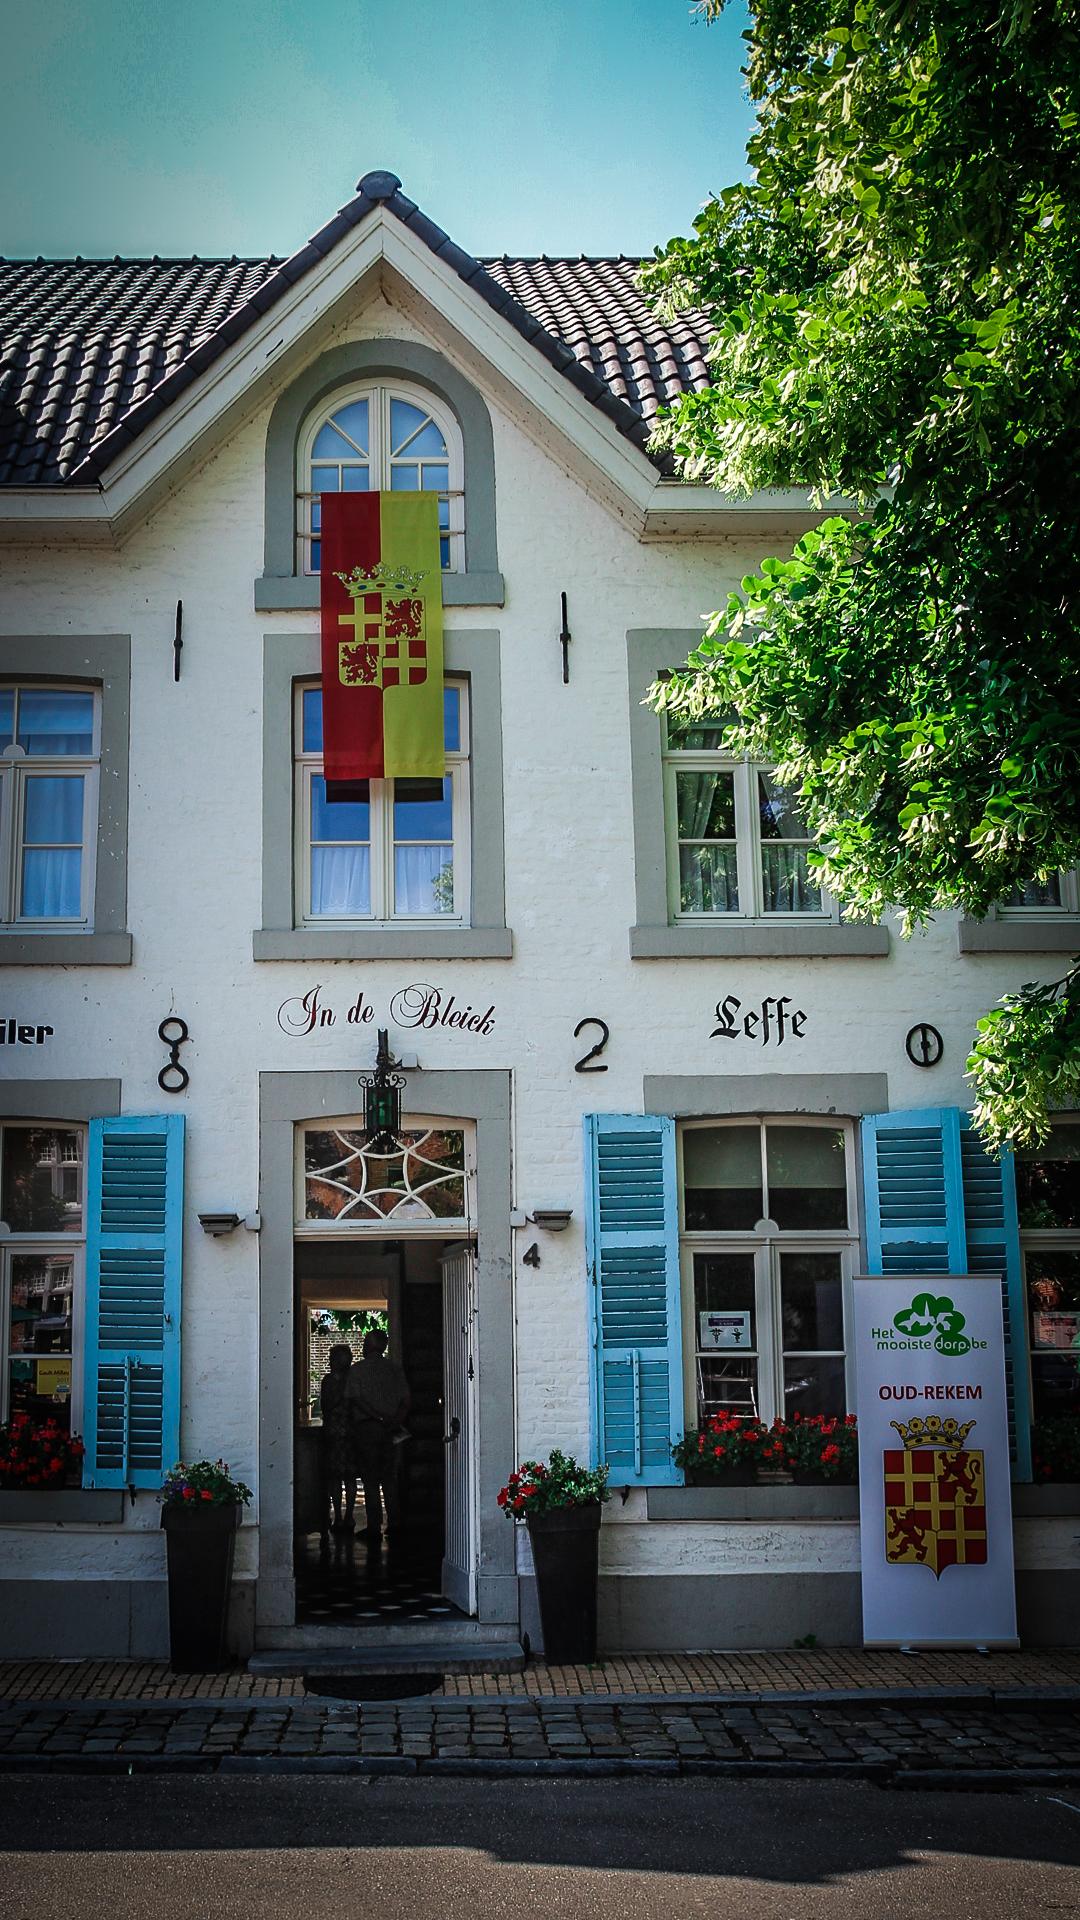 GiaZoo_Met_kinderen_onderweg_Maastricht_Zuidlimburg_limburglonkt-4.JPG